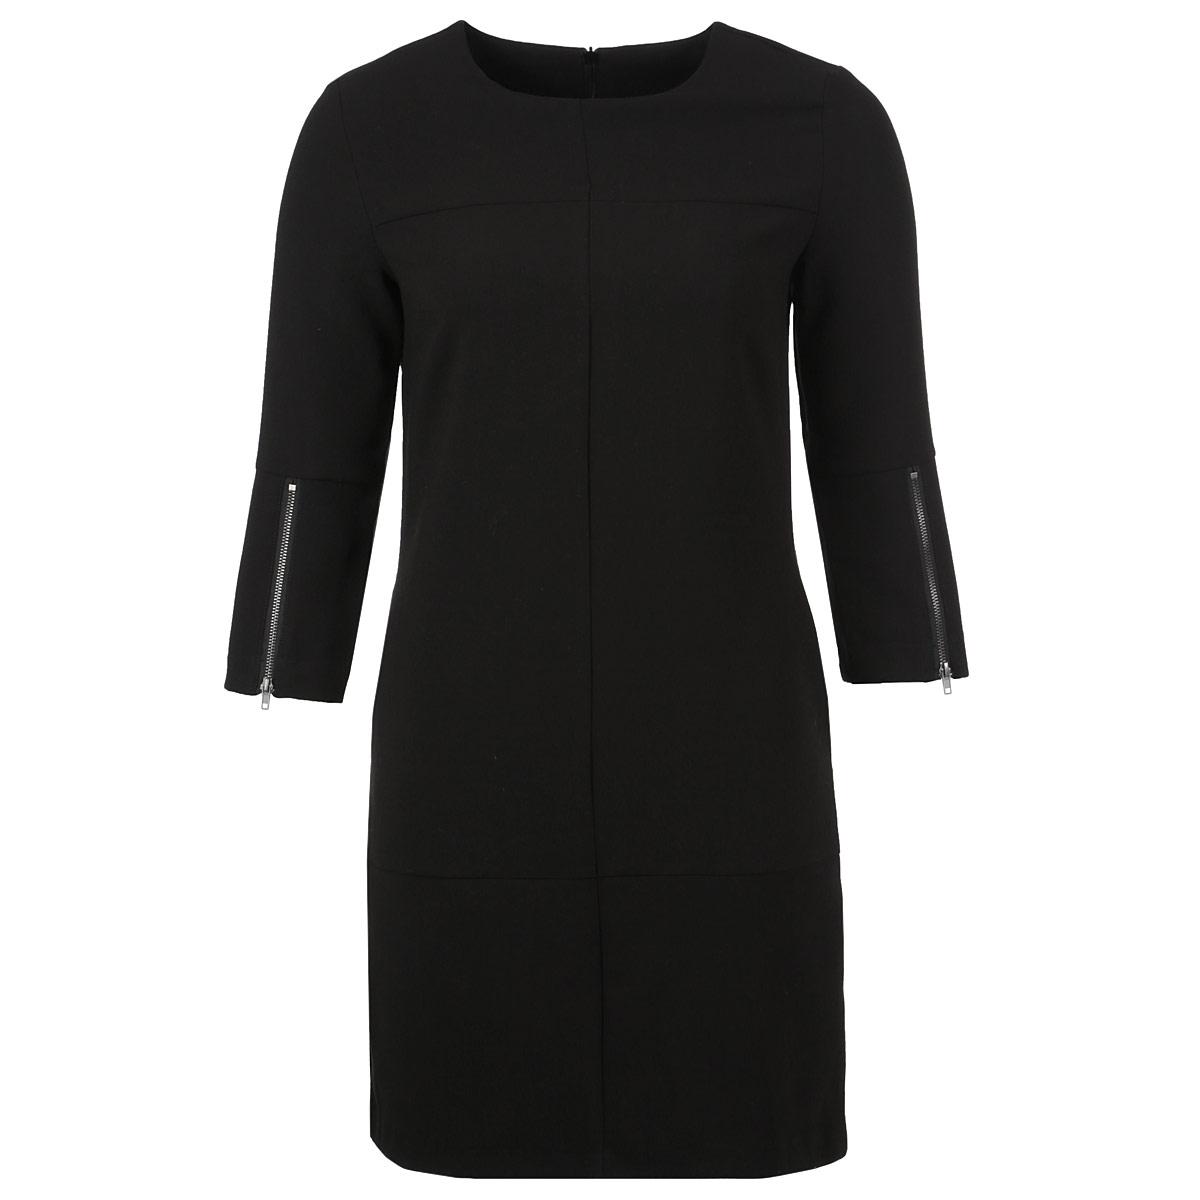 Платье. TSU0441CATSU0441CAСтильное платье Troll, выполненное из высококачественного материала, будет отлично на вас смотреться. Модель прямого кроя с рукавами длины 3/4 и круглым вырезом горловины подчеркнет ваш стиль. По бокам платье дополнено втачными карманами. Рукава оформлен металлическими молниями. На спинке платье застегивается на потайную молнию Идеальный вариант для тех, кто ценит комфорт и качество.